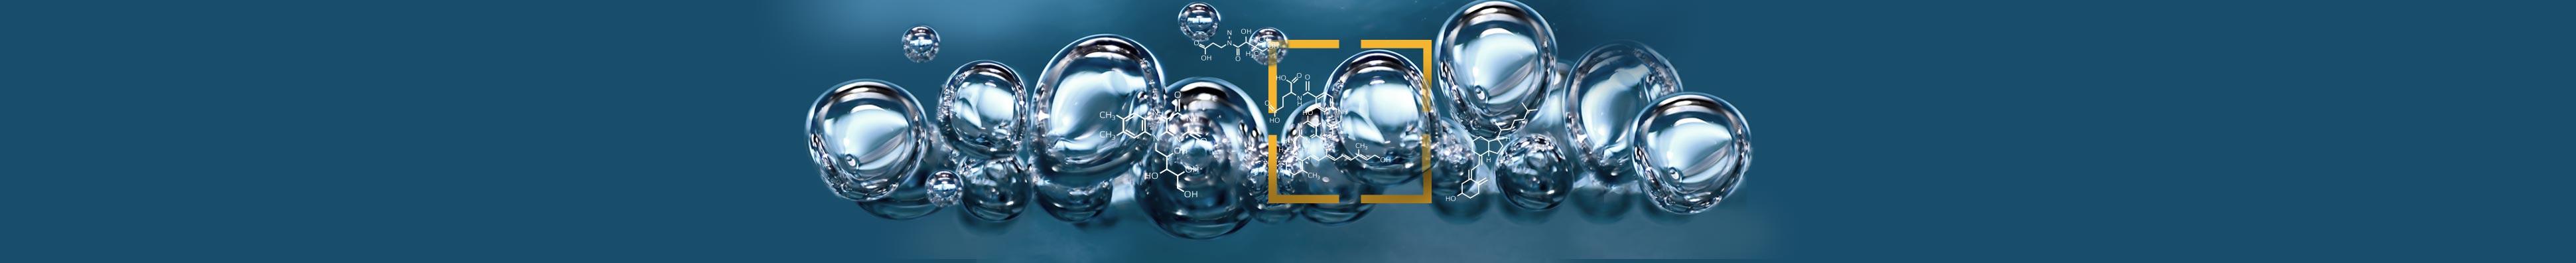 brevet chimie